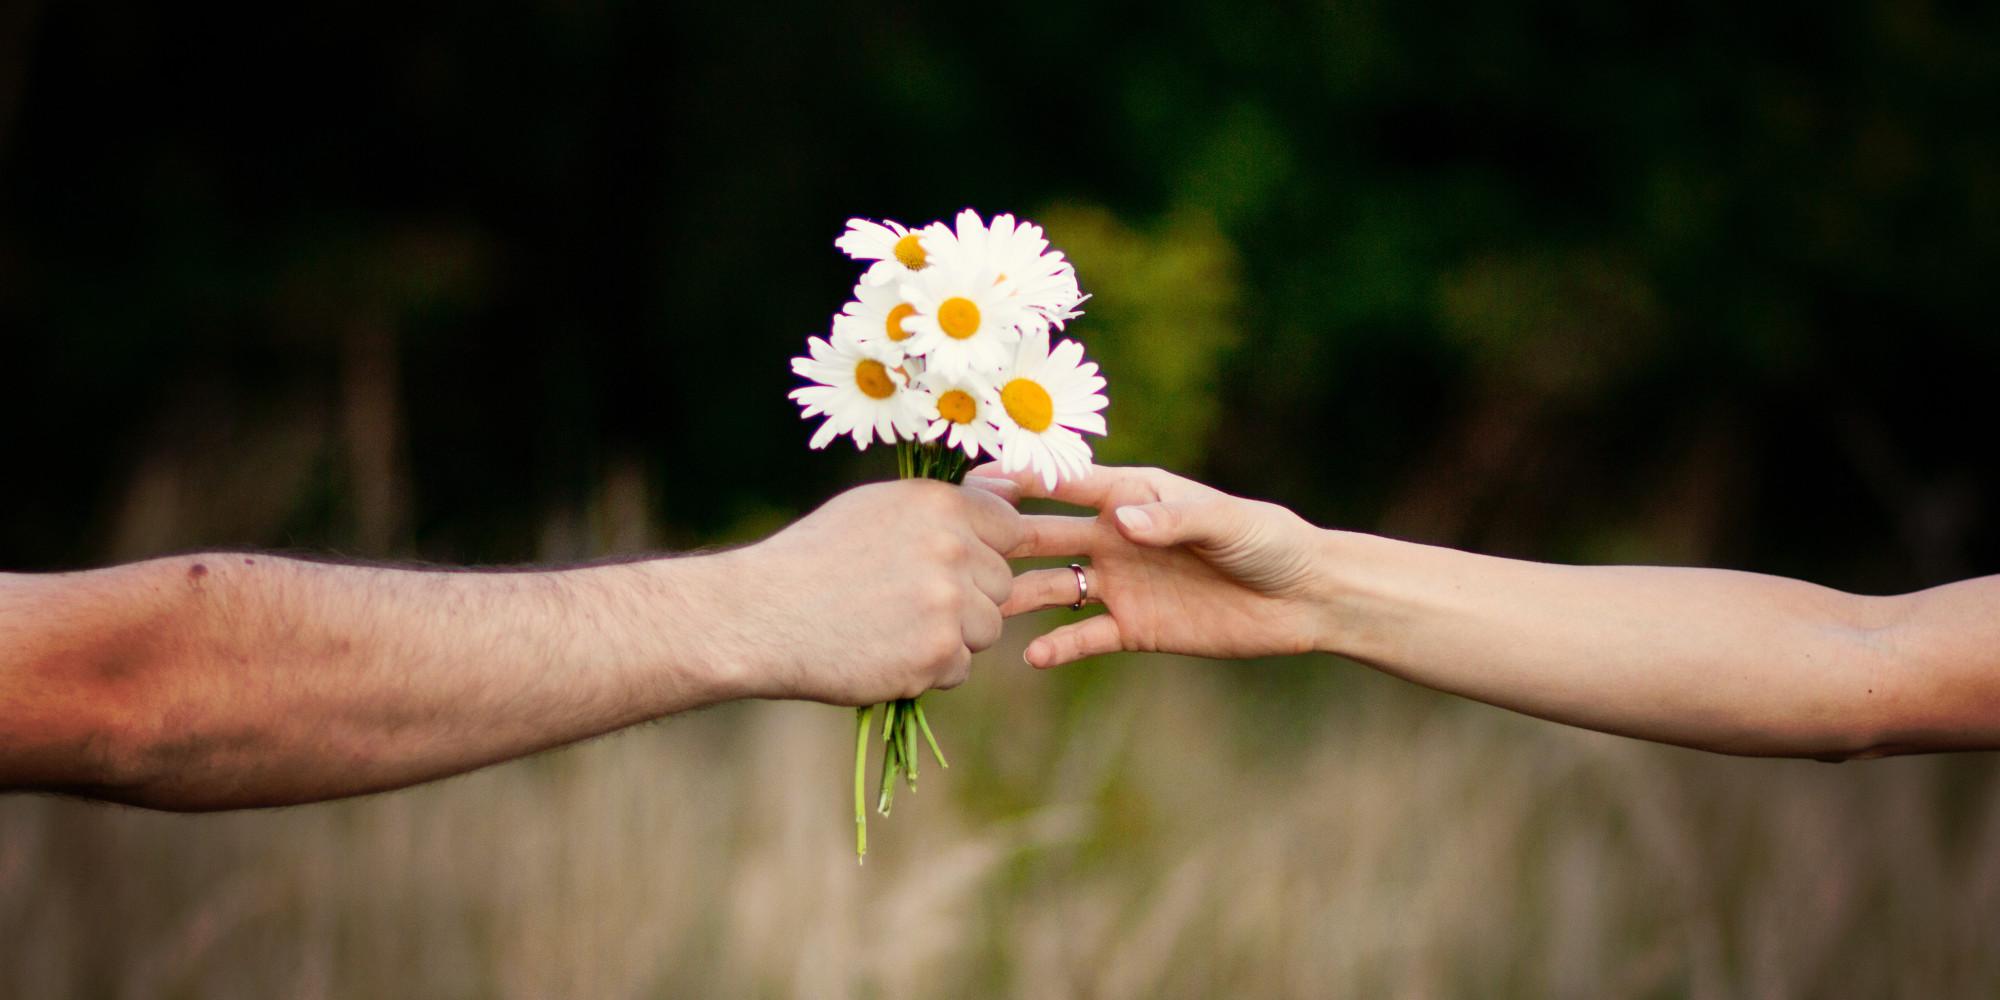 Bukan Mawar, Ini 5 Jenis Bunga yang Cocok untuk Mengungkapkan Cinta